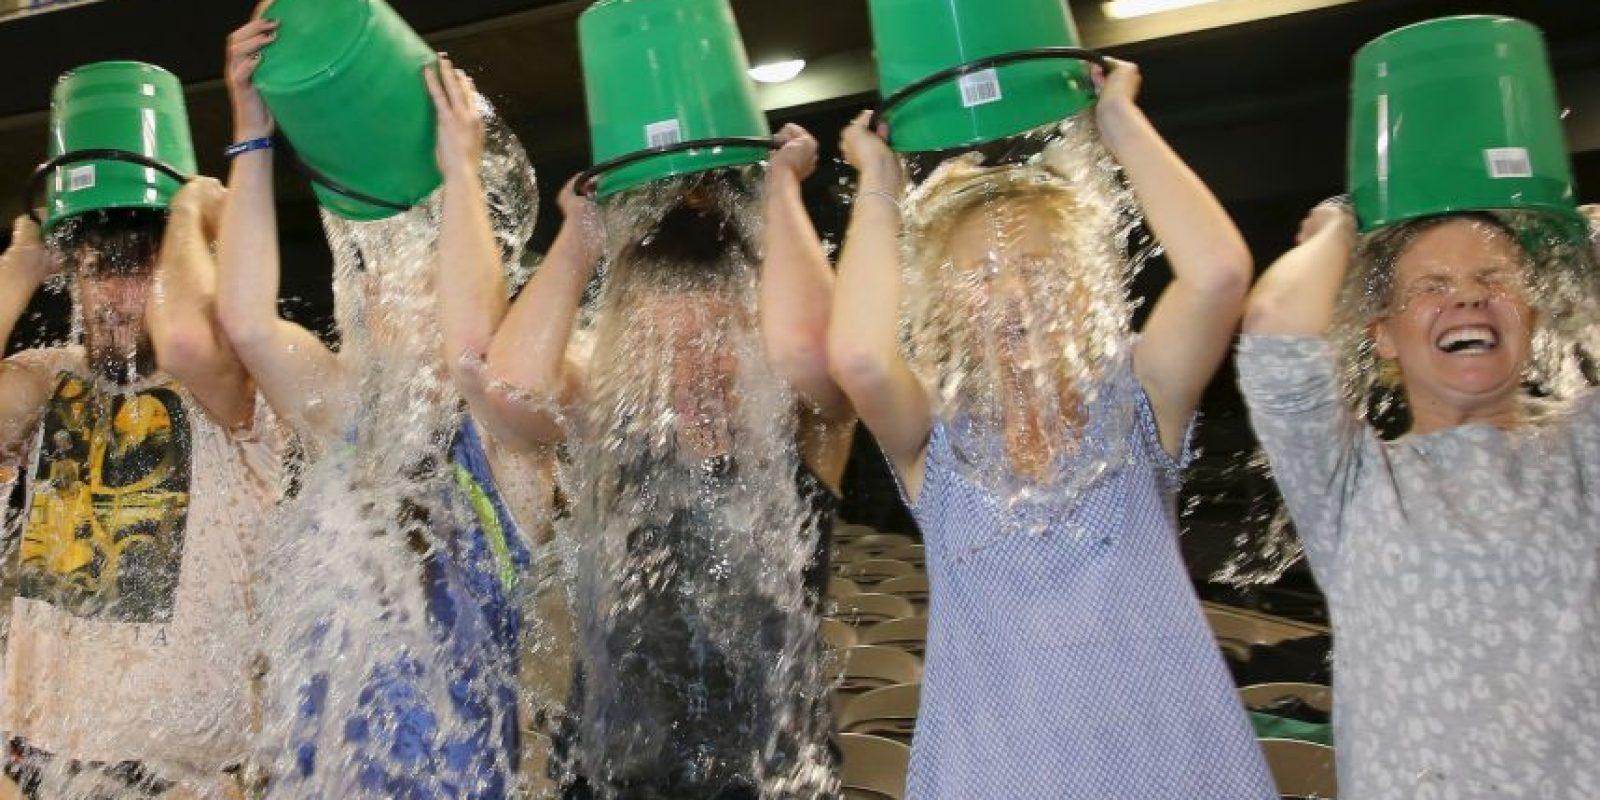 """Cientos de celebridades se unieron al """"reto de la cubeta de hielo"""" para reunir fondos en contra de la enfermedad de Esclerósis Lateral Amiotrófica Foto:Getty Images"""